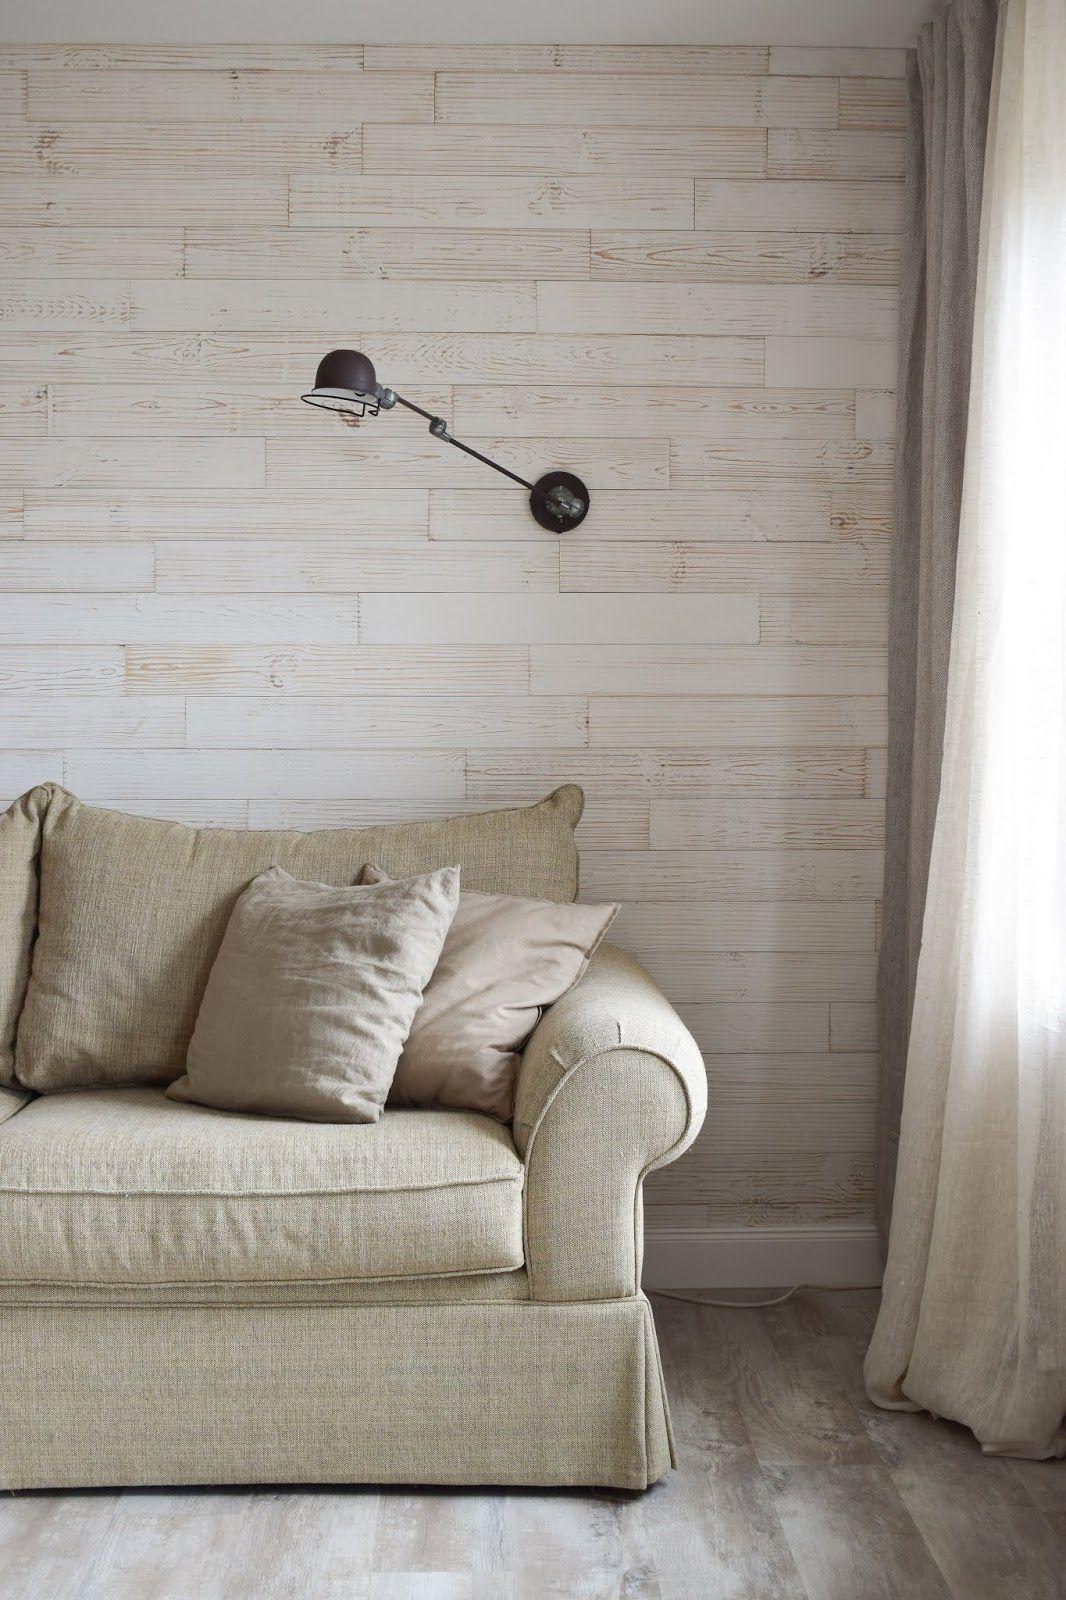 Werbung Holzverkleidung Fur Die Wand Mit Wandwood Paneele Einfach Kleben Anleitung Holzwand Verkleiden Und S Wandverkleidung Holzpaneele Wandverkleidung Holz